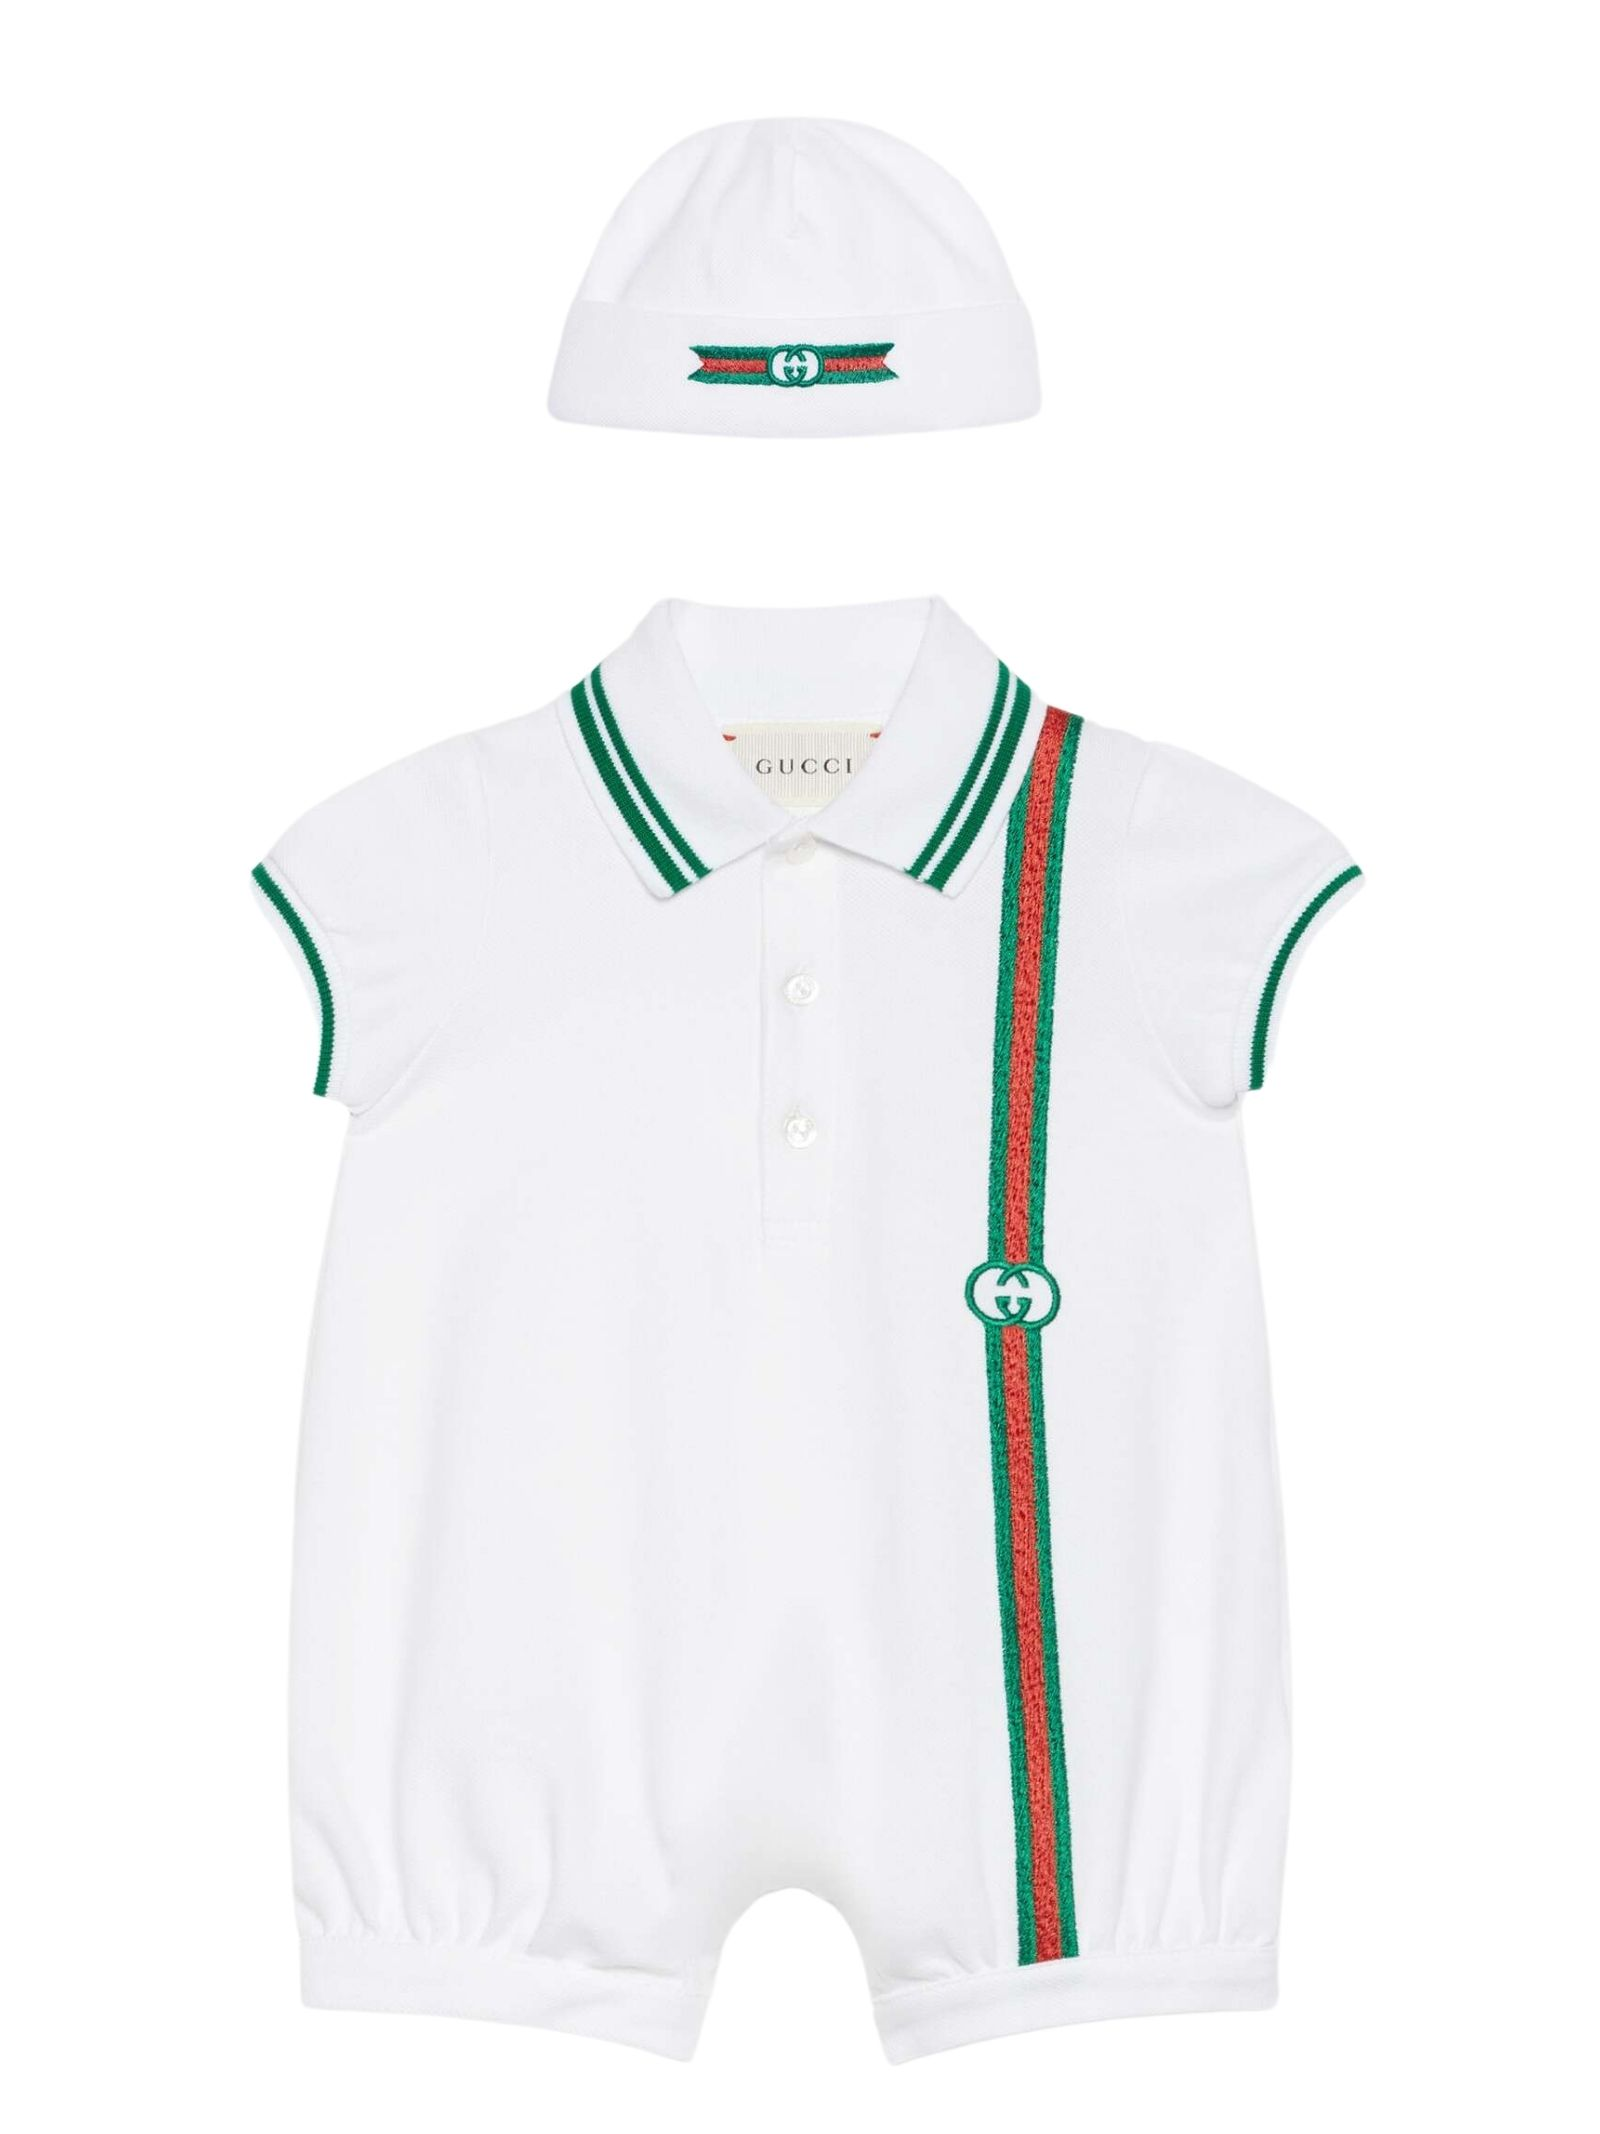 Gucci | Kit | 638459 XJC369023